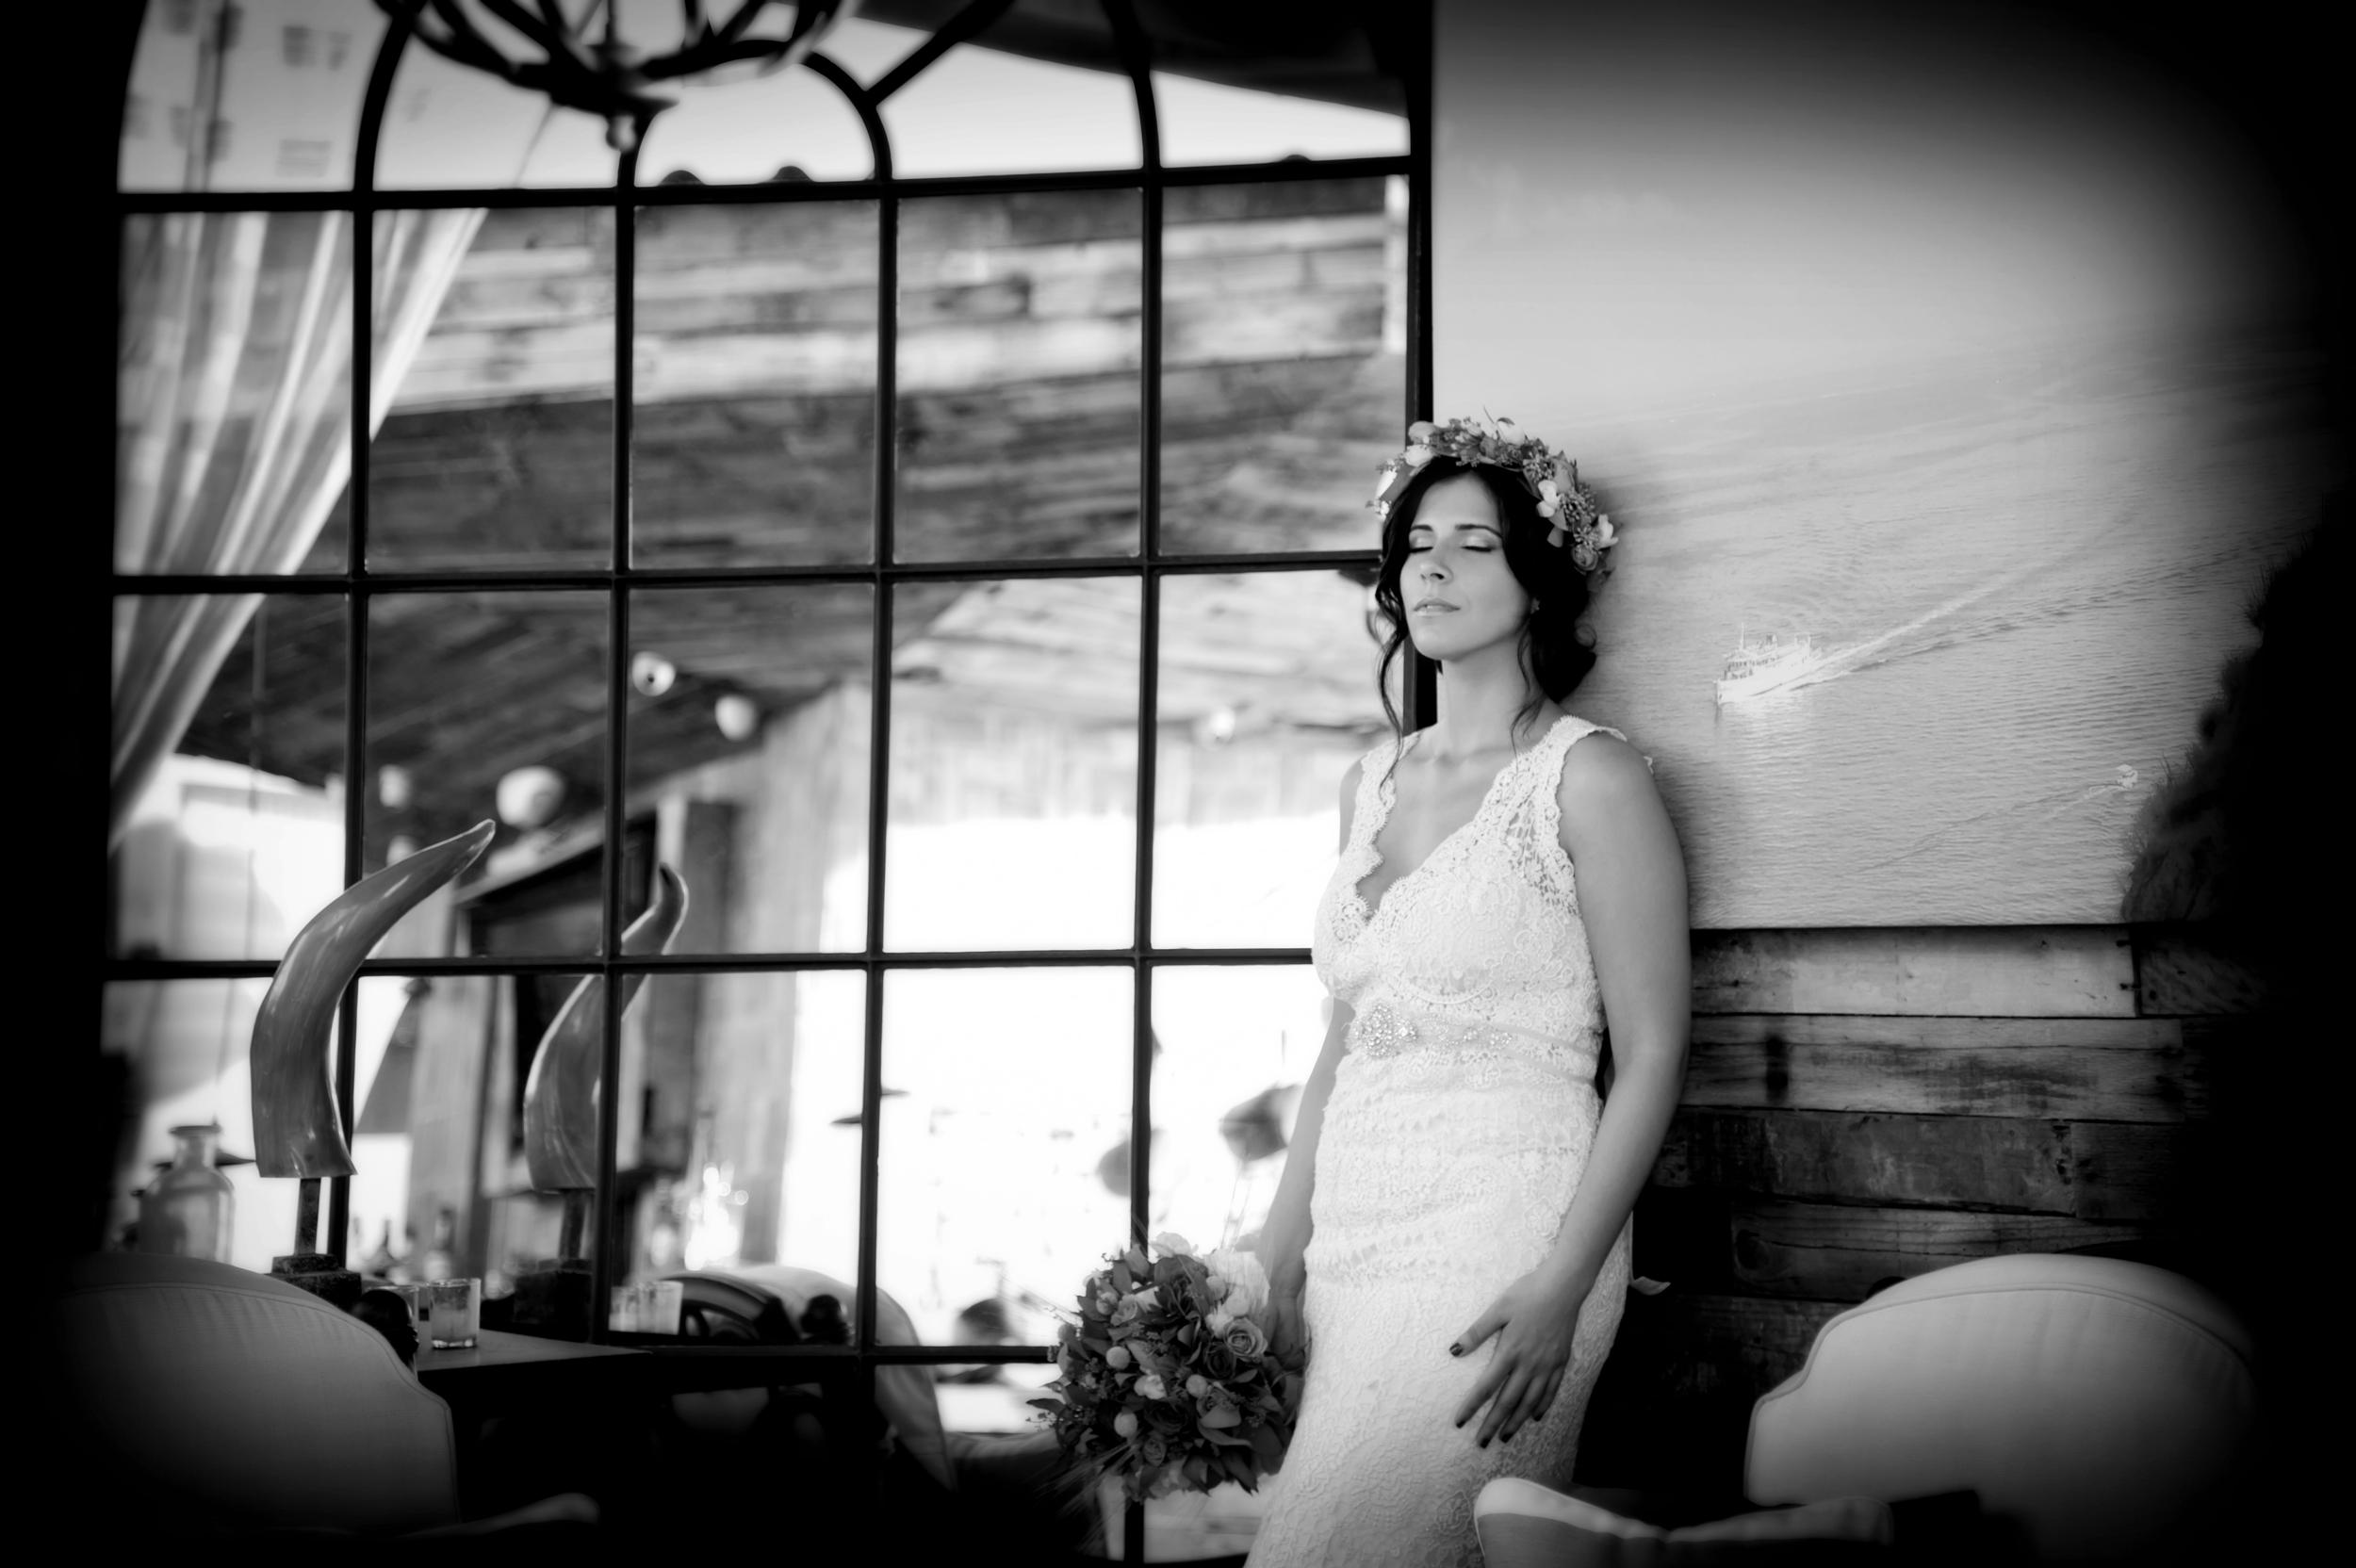 Photography by: Tuty Feliciano